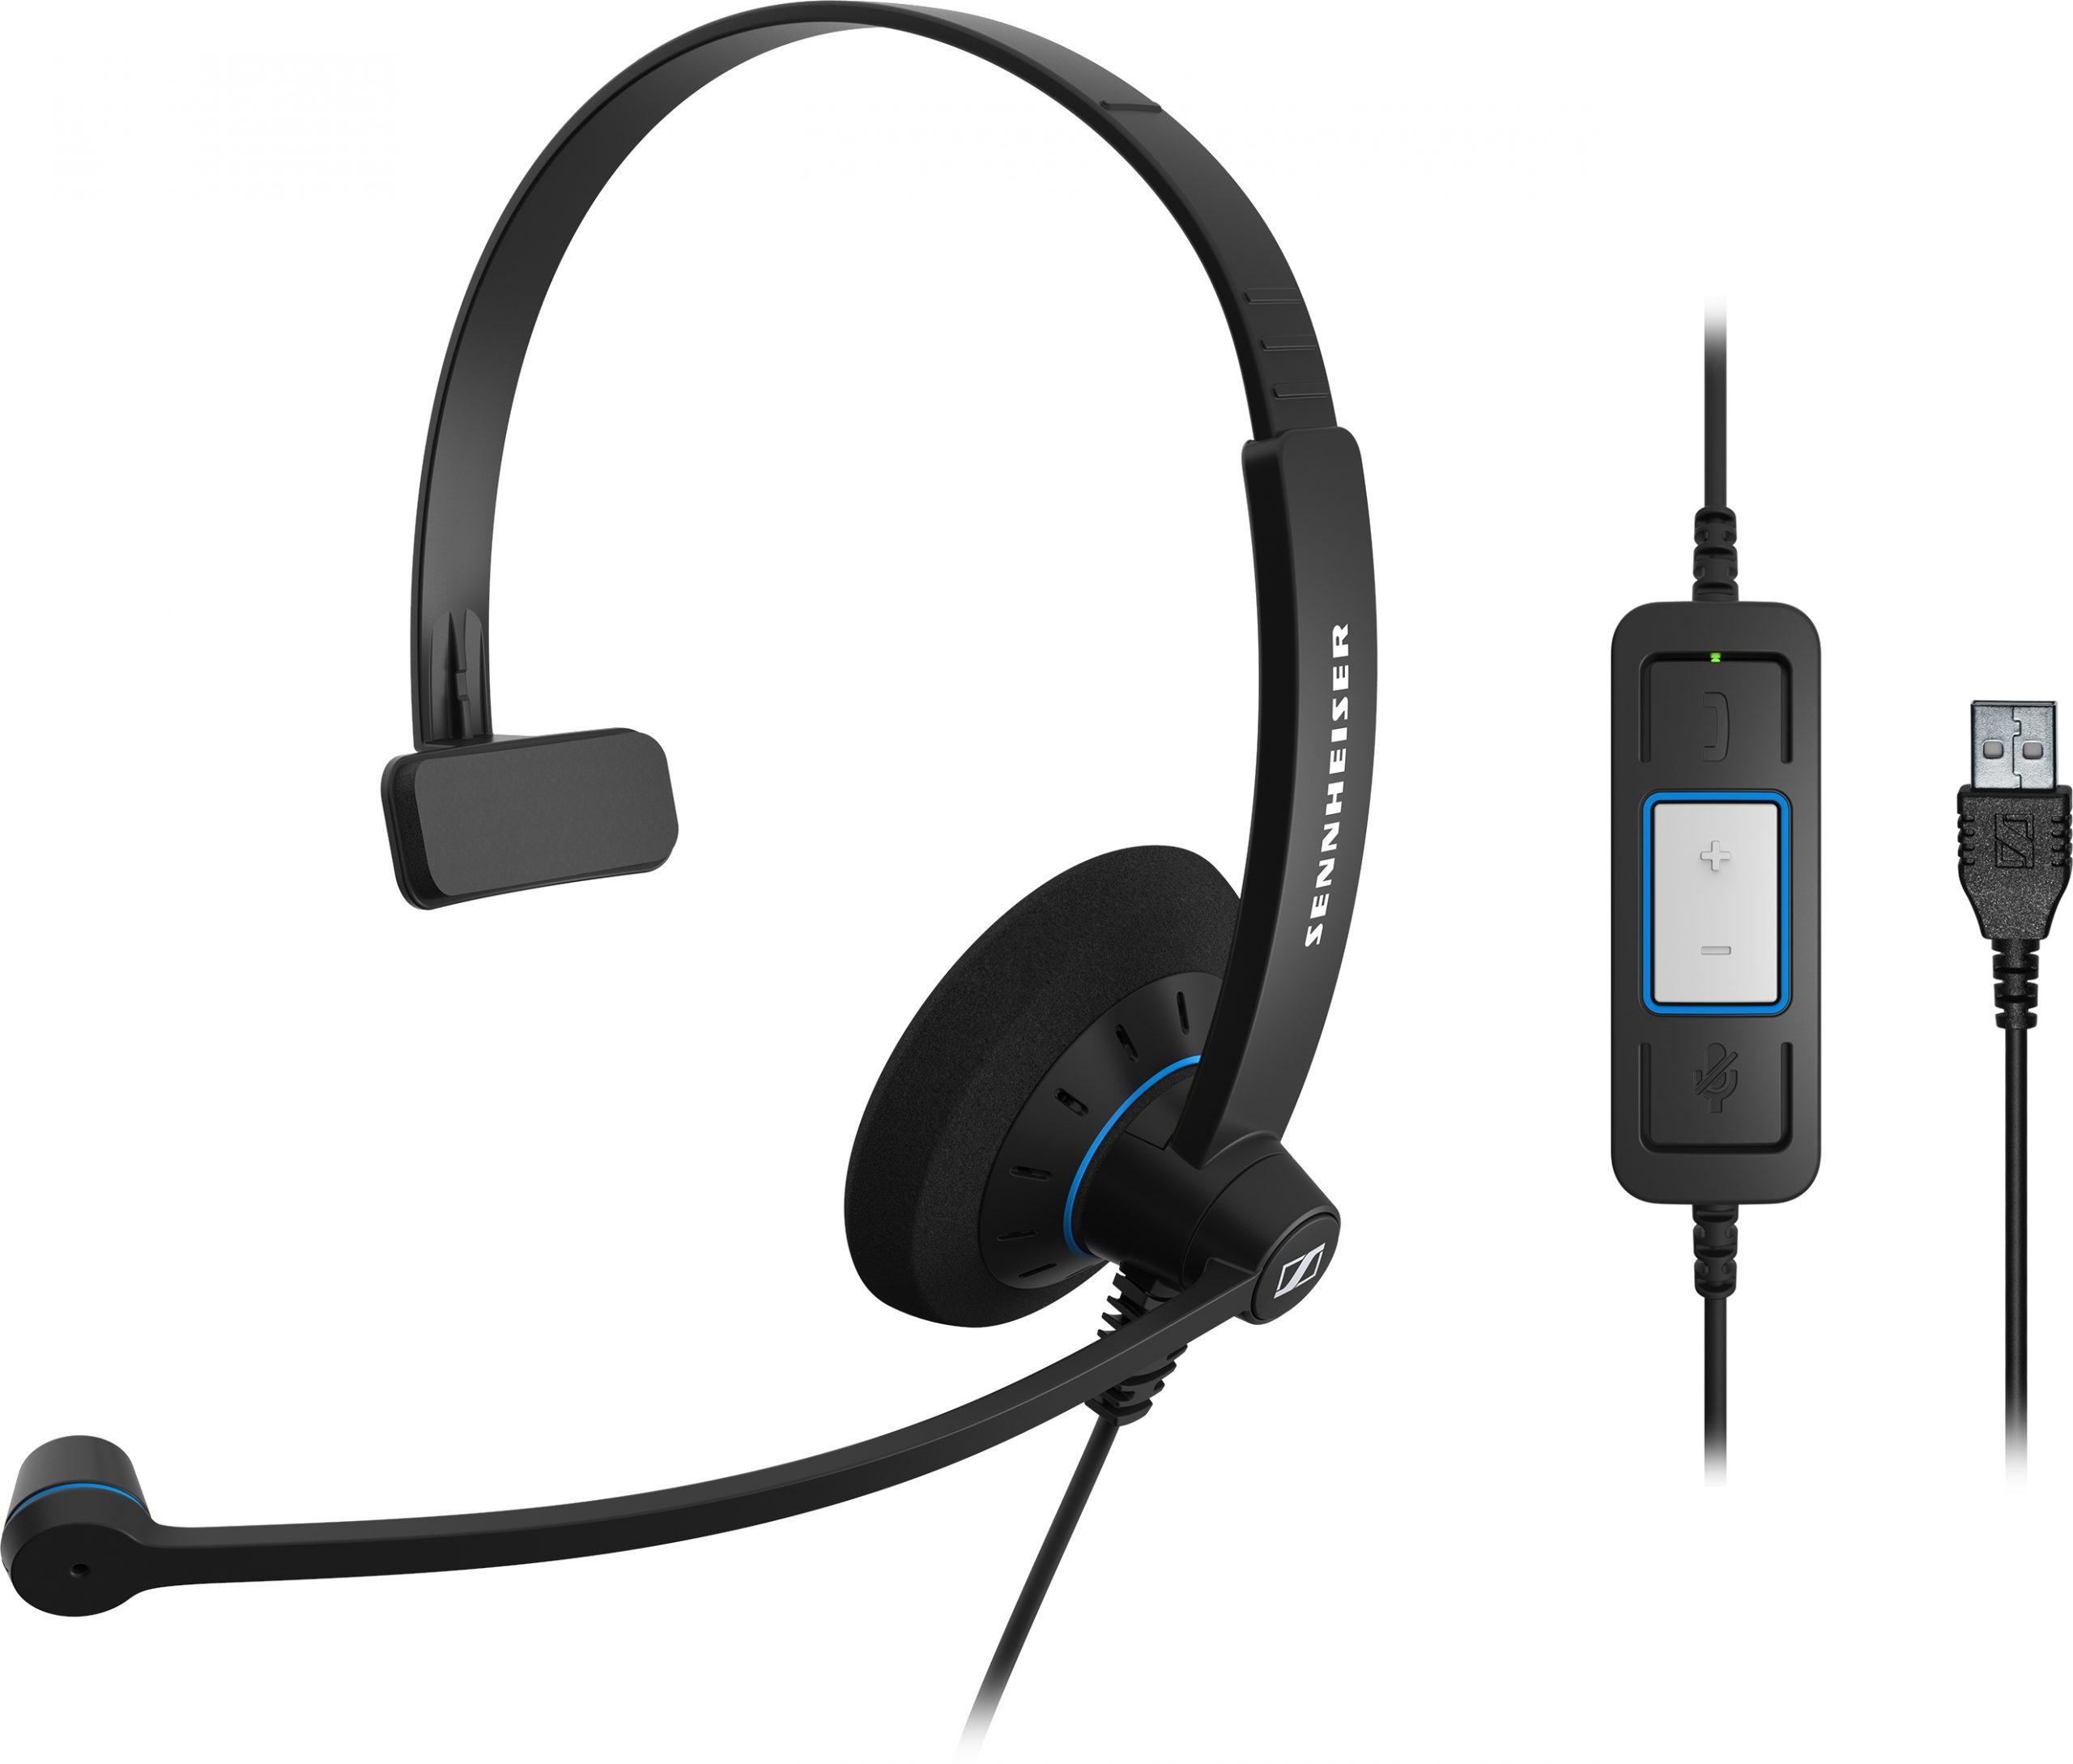 Trải nghiệm đẳng cấp âm thanh chỉ có ởTai nghe Sennheiser SC 30 USB CTRL